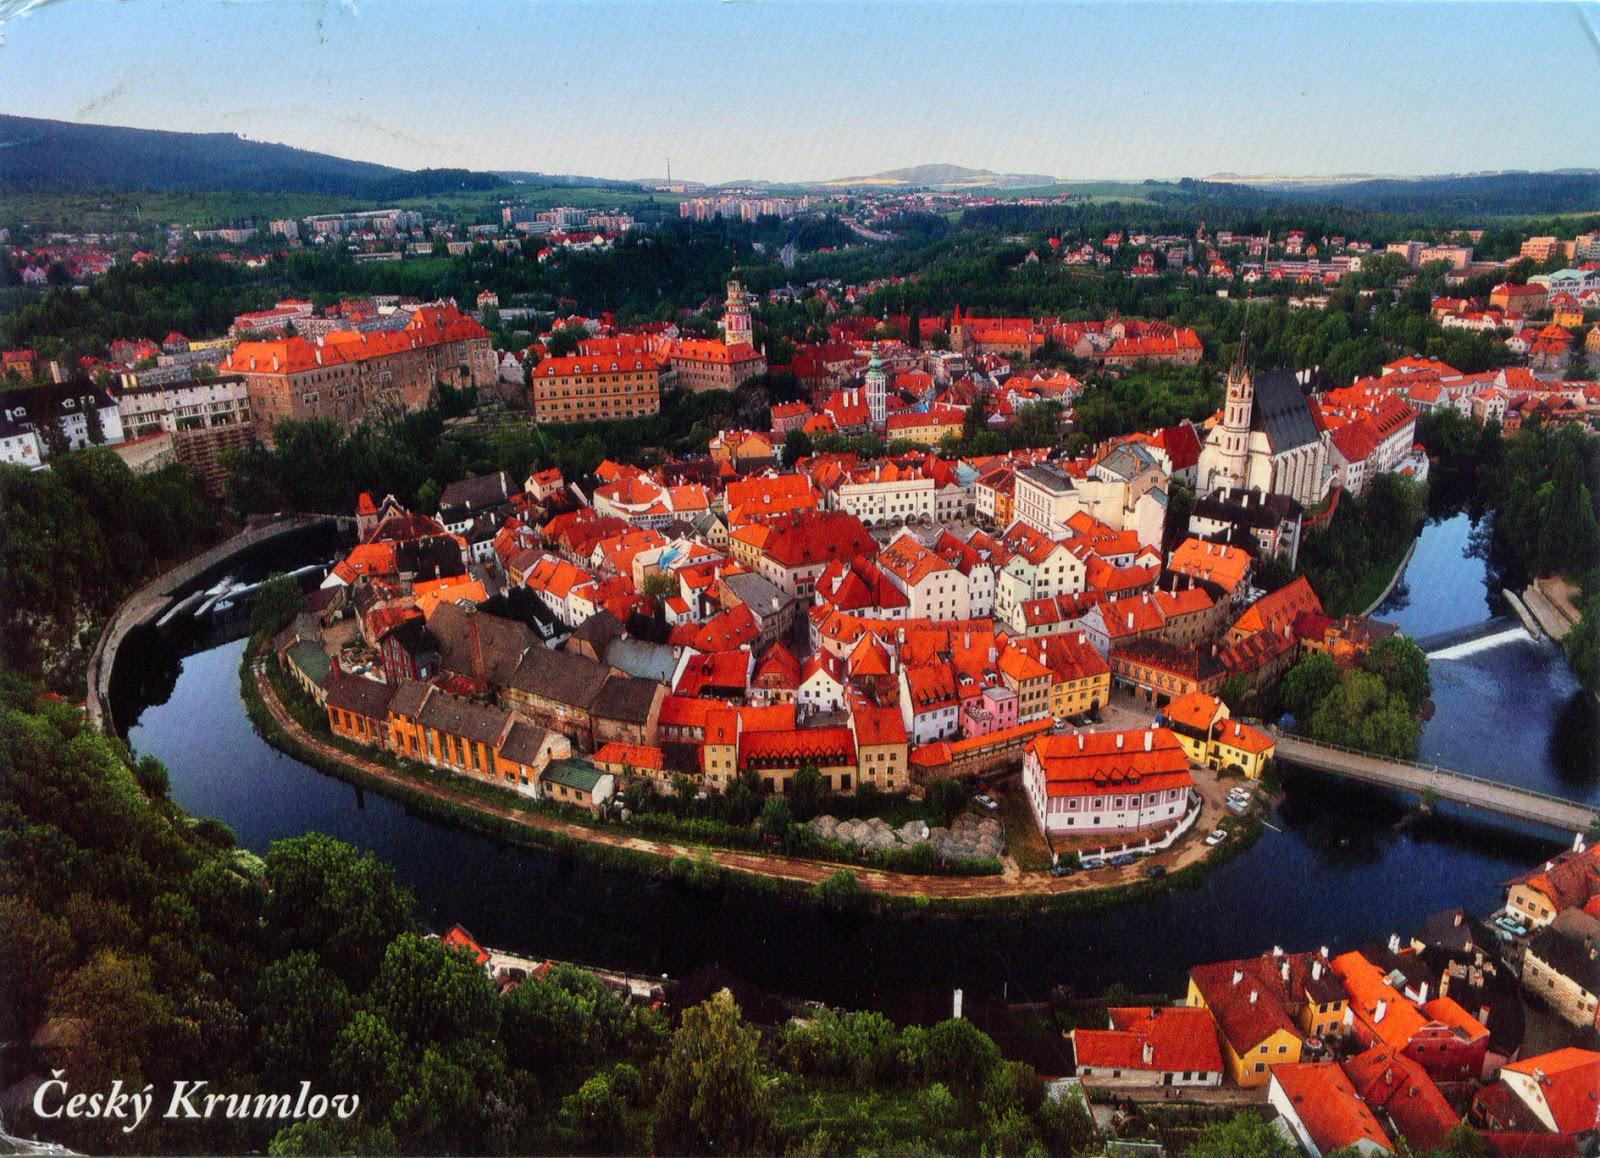 Cesky Krumlov Czech Republic  city photos gallery : krumlov czech cesky krumlov republic cesky czech republic places ...